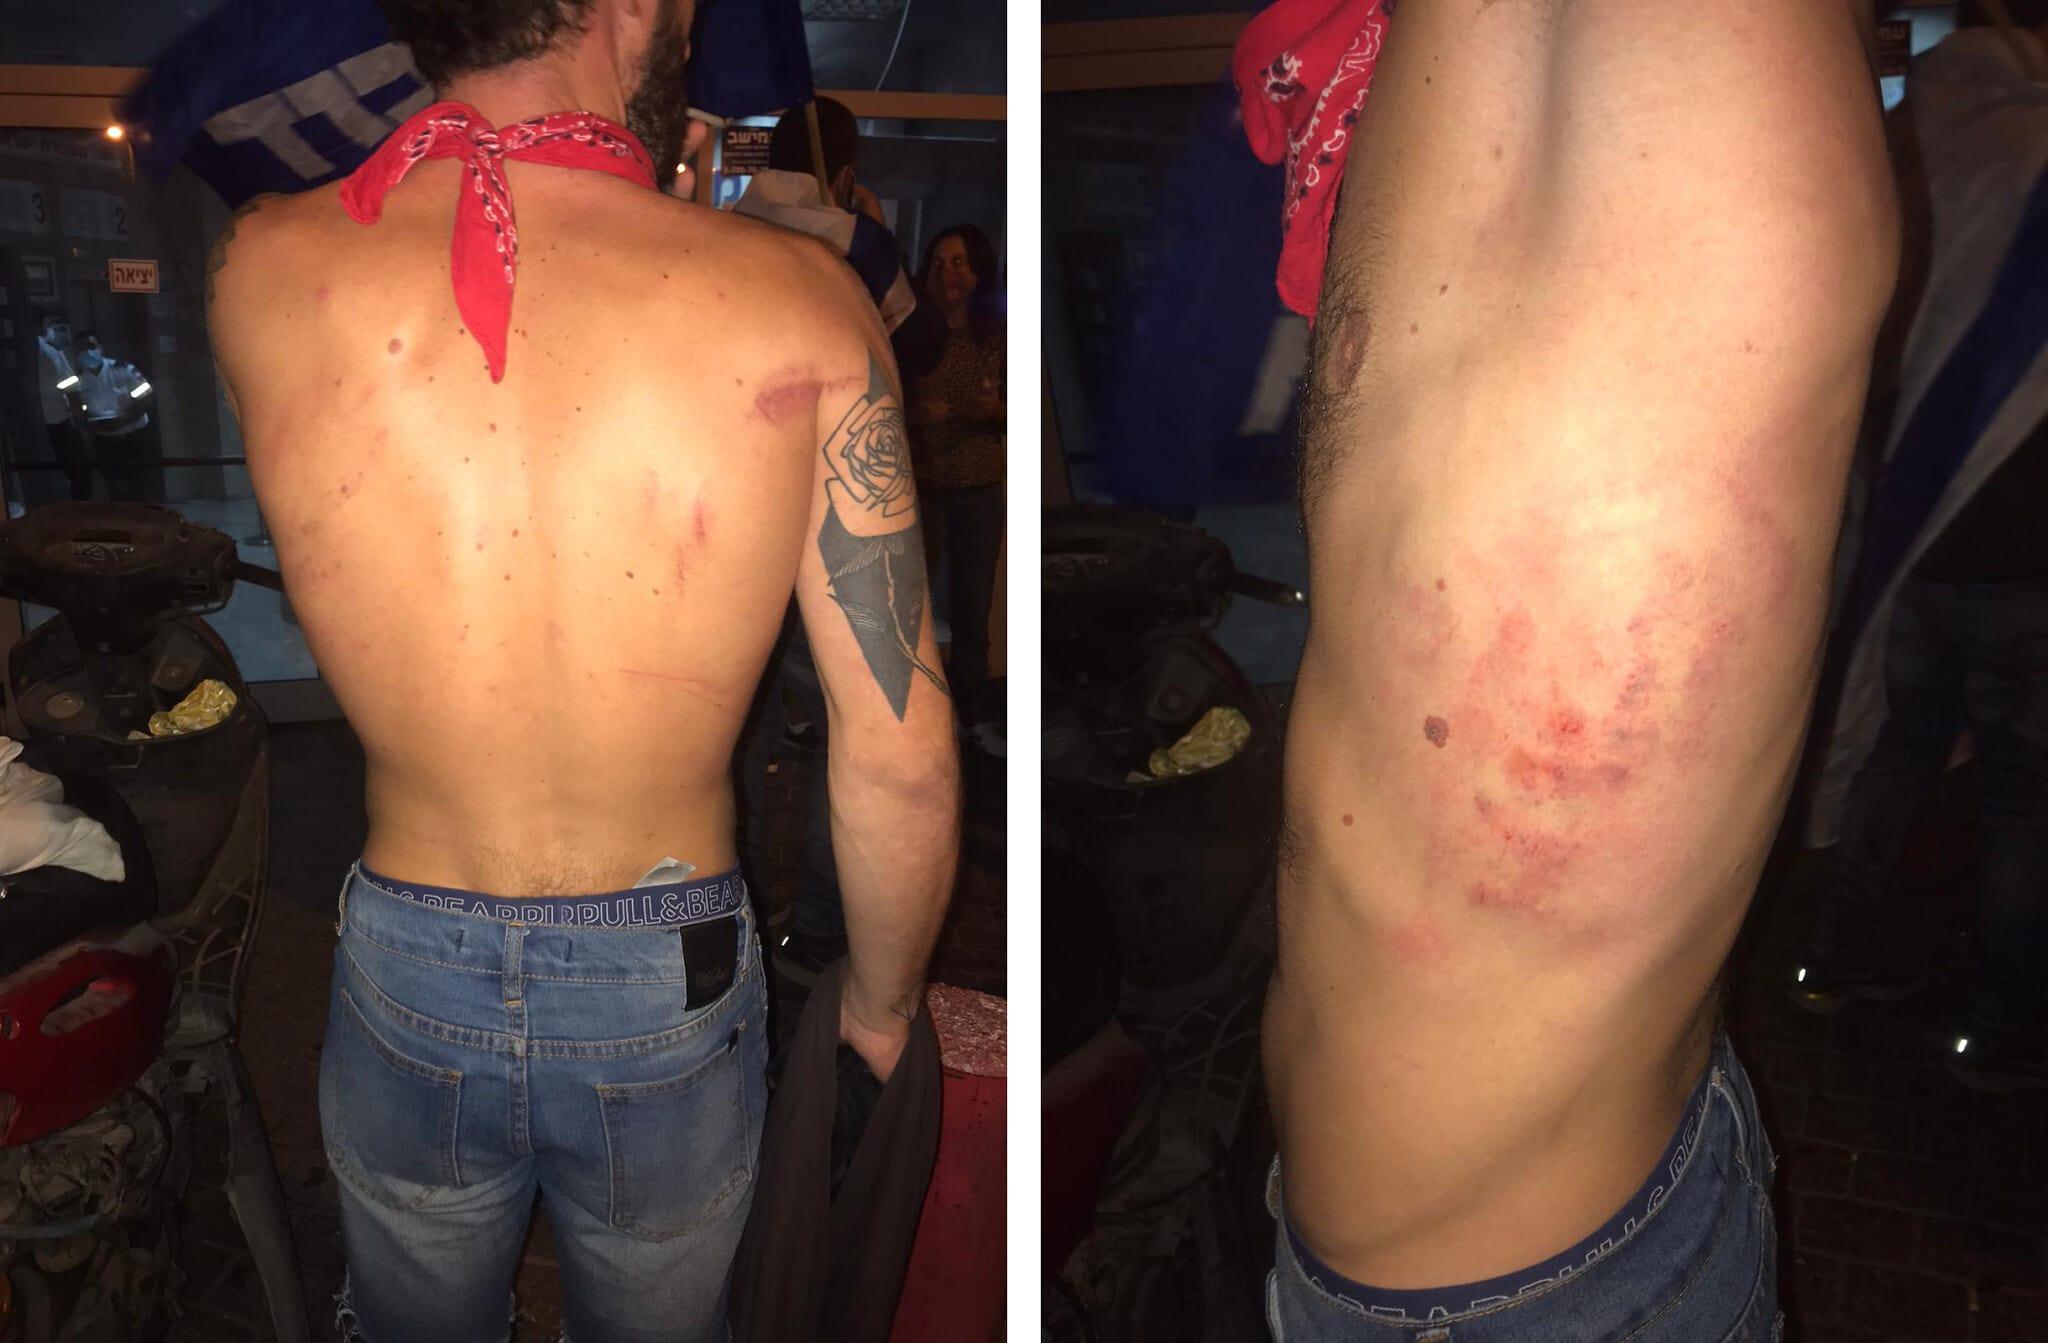 החבלות על גופו של סתיו שומר אחרי העימות עם המשטרה במהלך ההפגנה בבלפור ב-22 באוגוסט 2020 (צילום: באדיבות סתיו שומר)